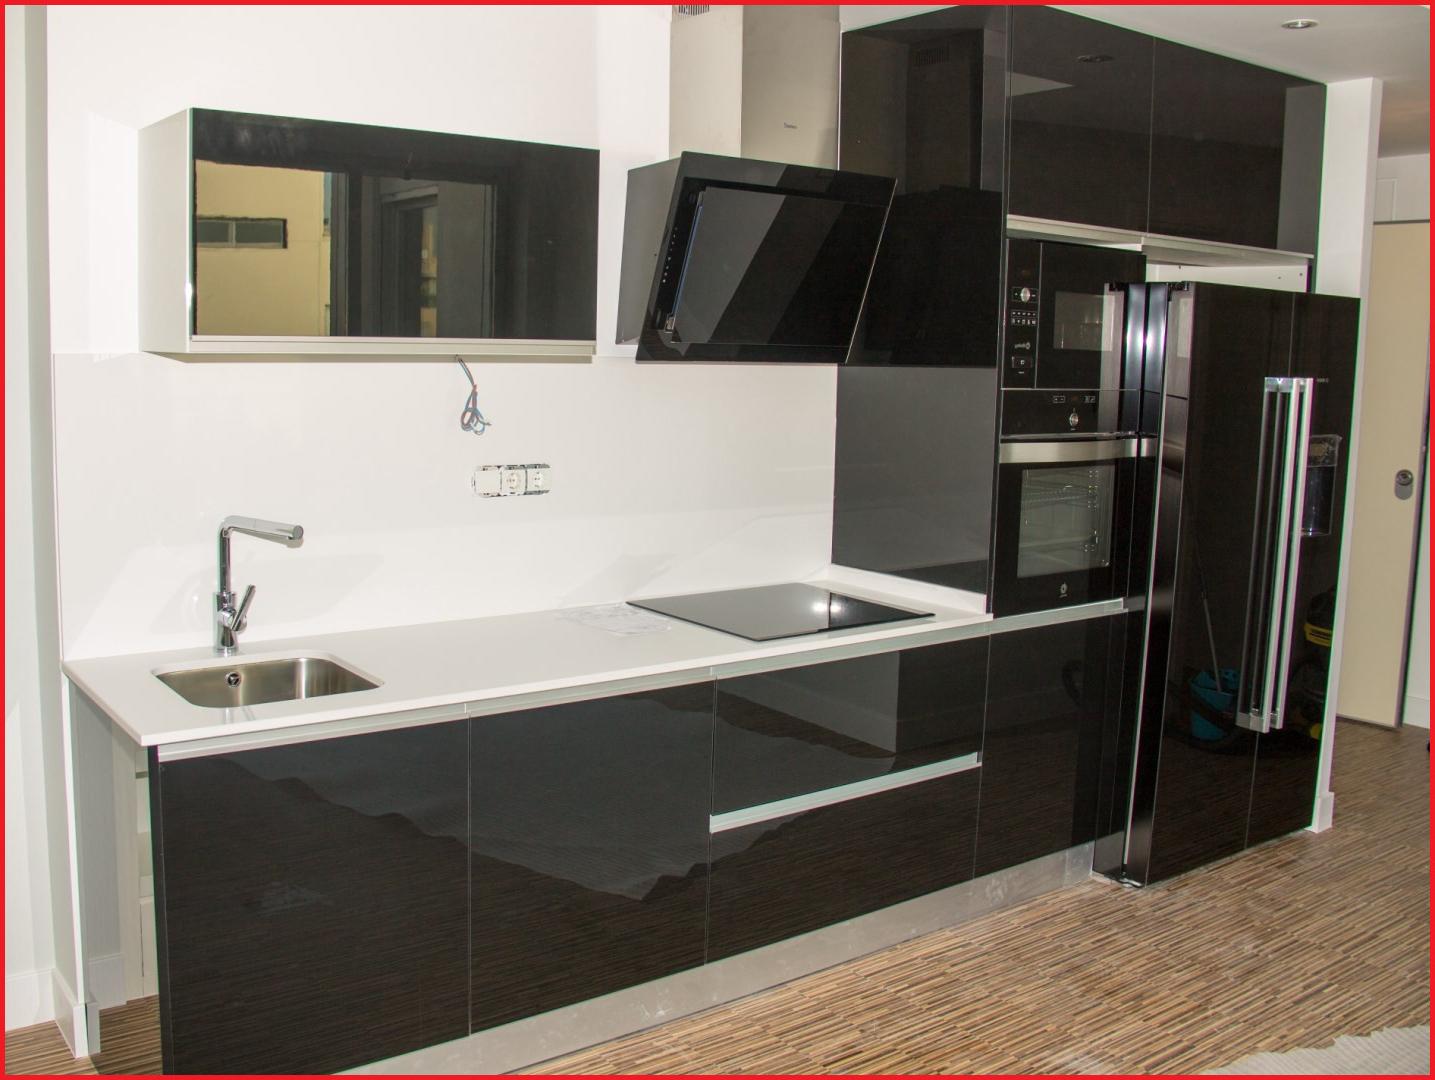 Muebles De Cocina Baratos E9dx Muebles Cocina Baratos Madrid Muebles De Cocina Baratos